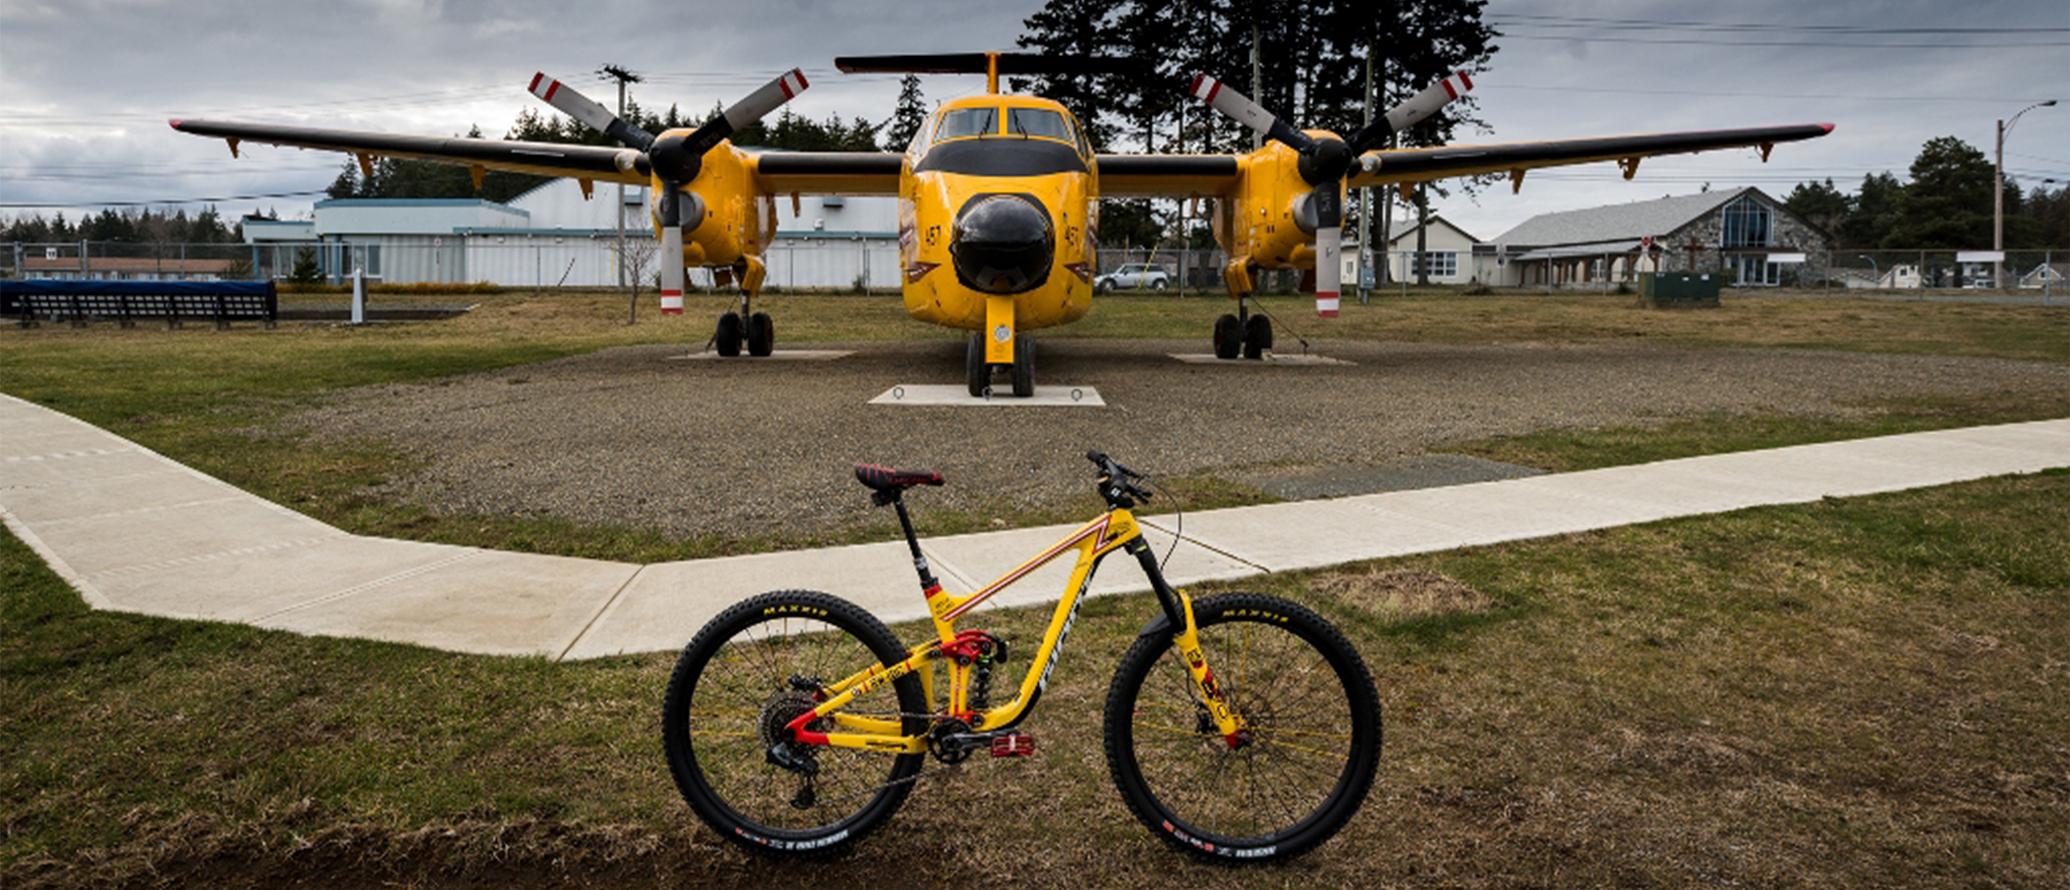 داستان دوچرخه ریس والاس